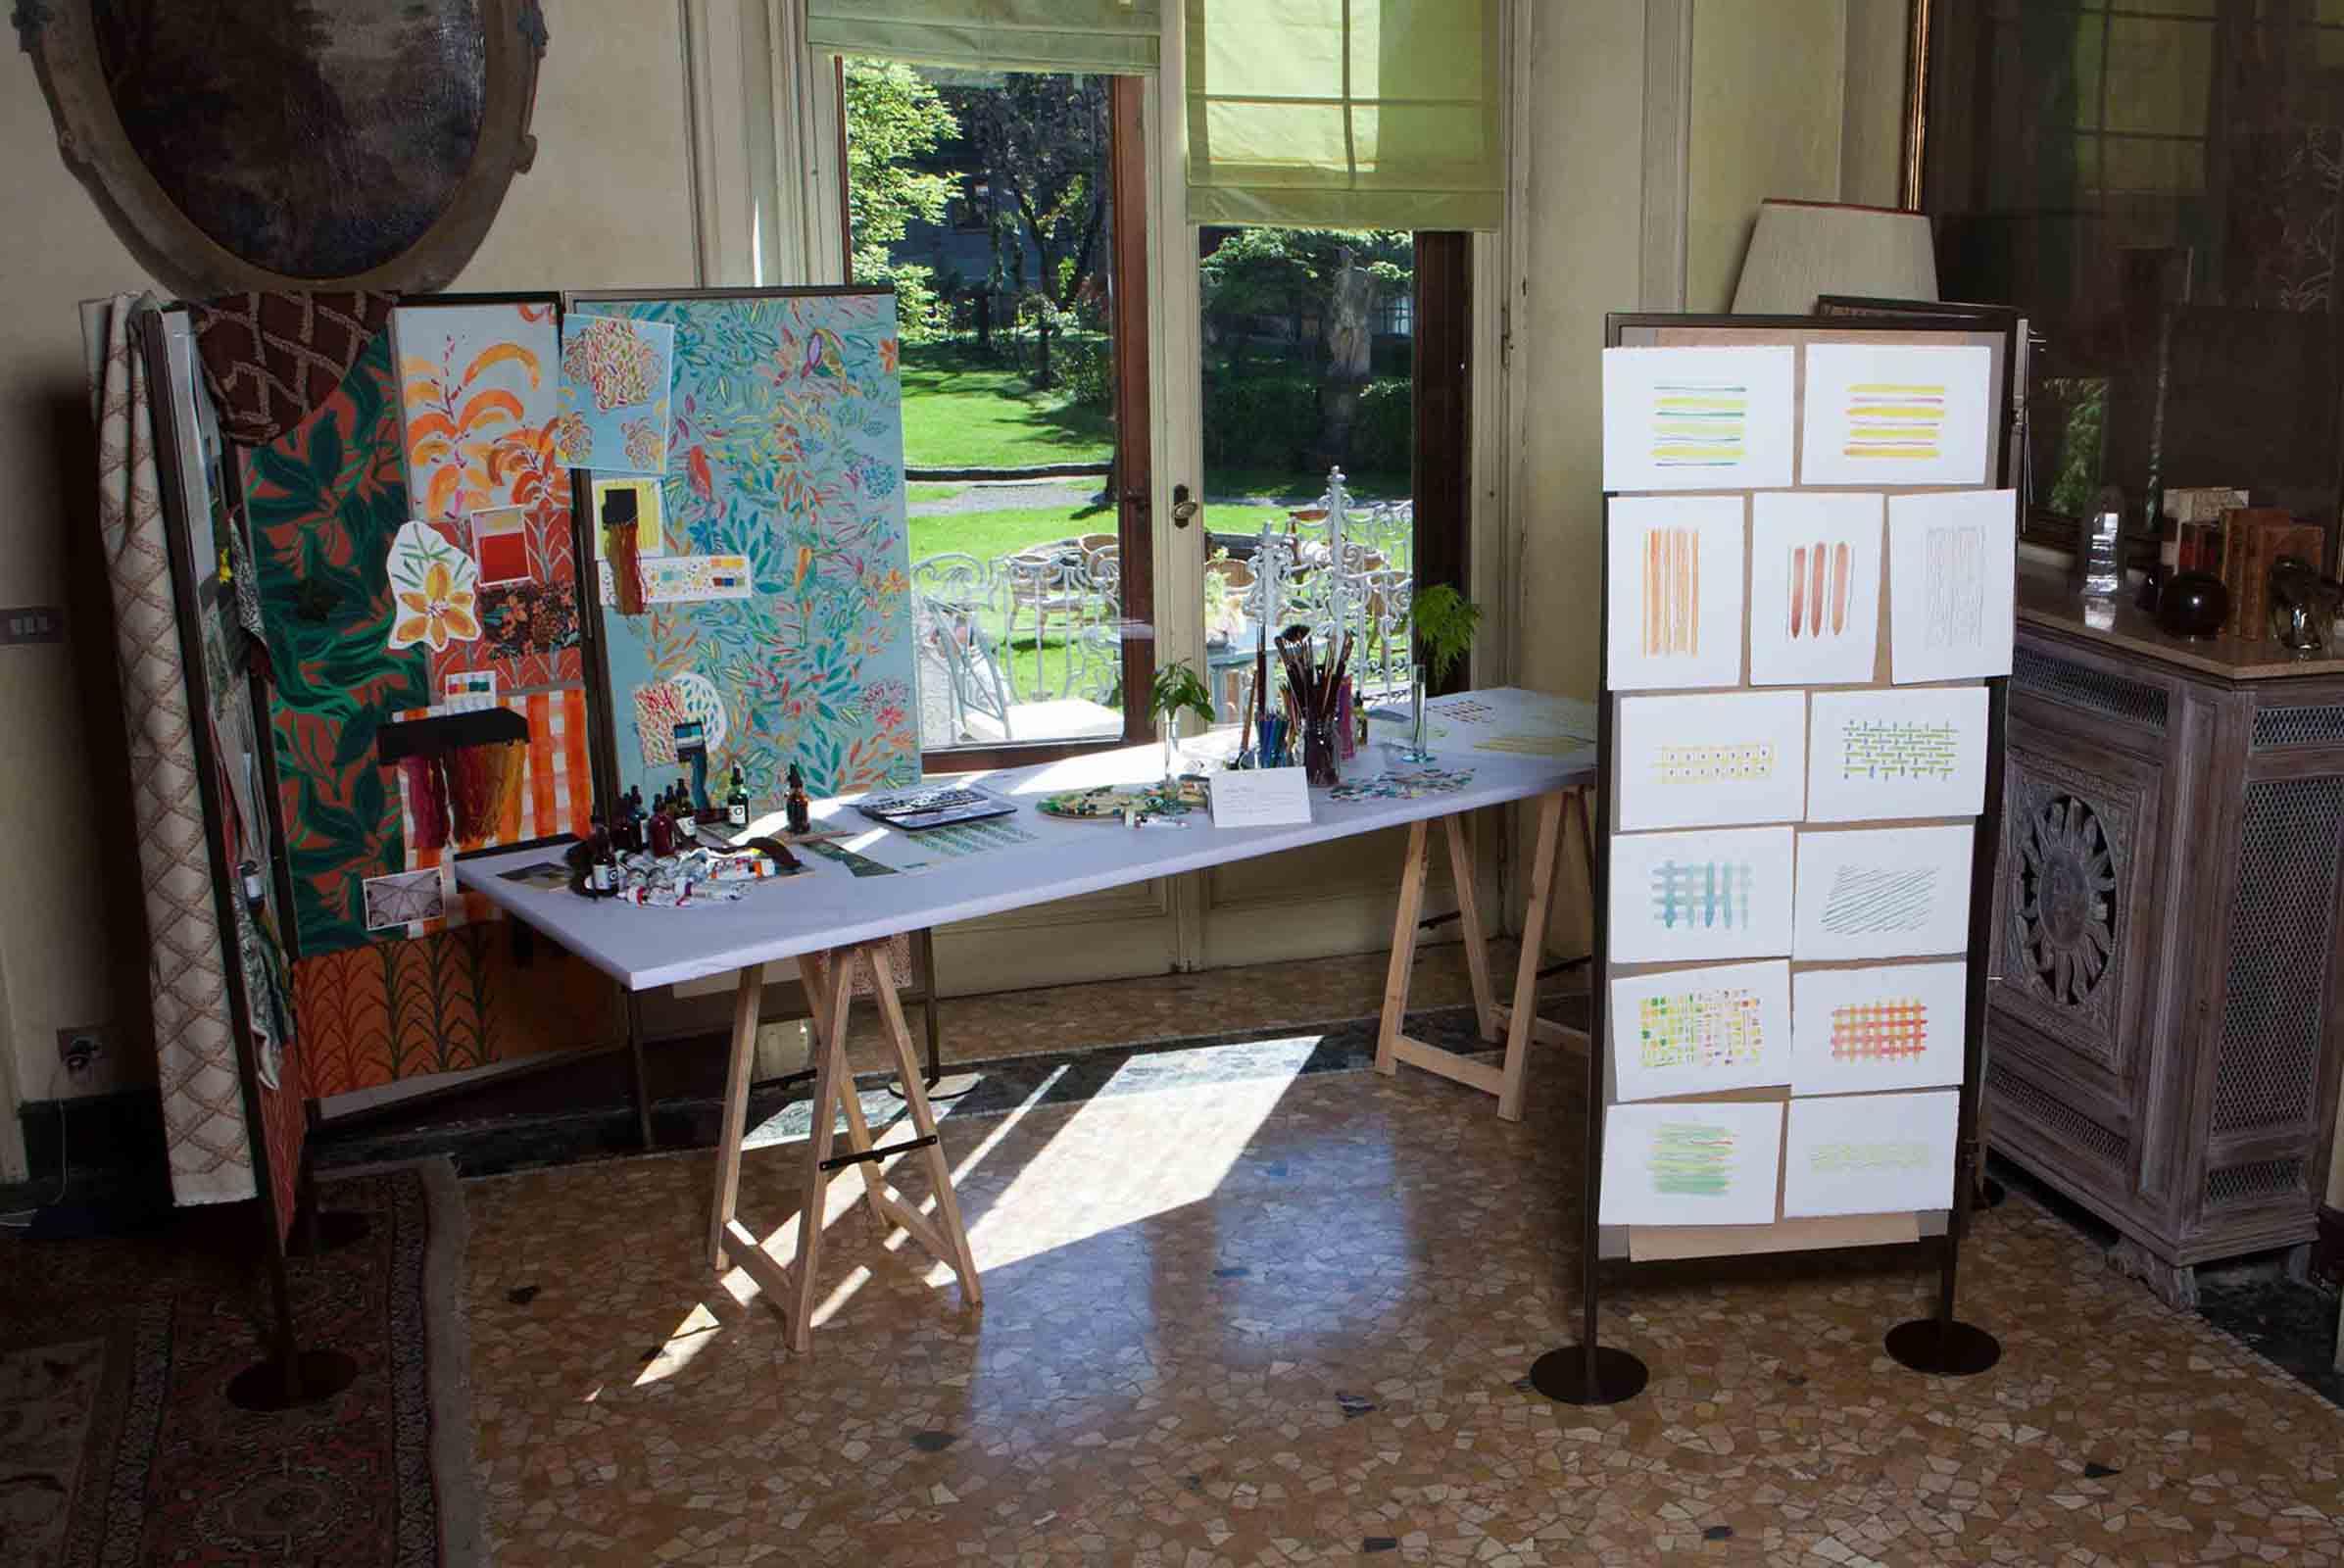 Matteo-Thun-at-Airbnb-Experience-of-Milan,-image-2.jpg